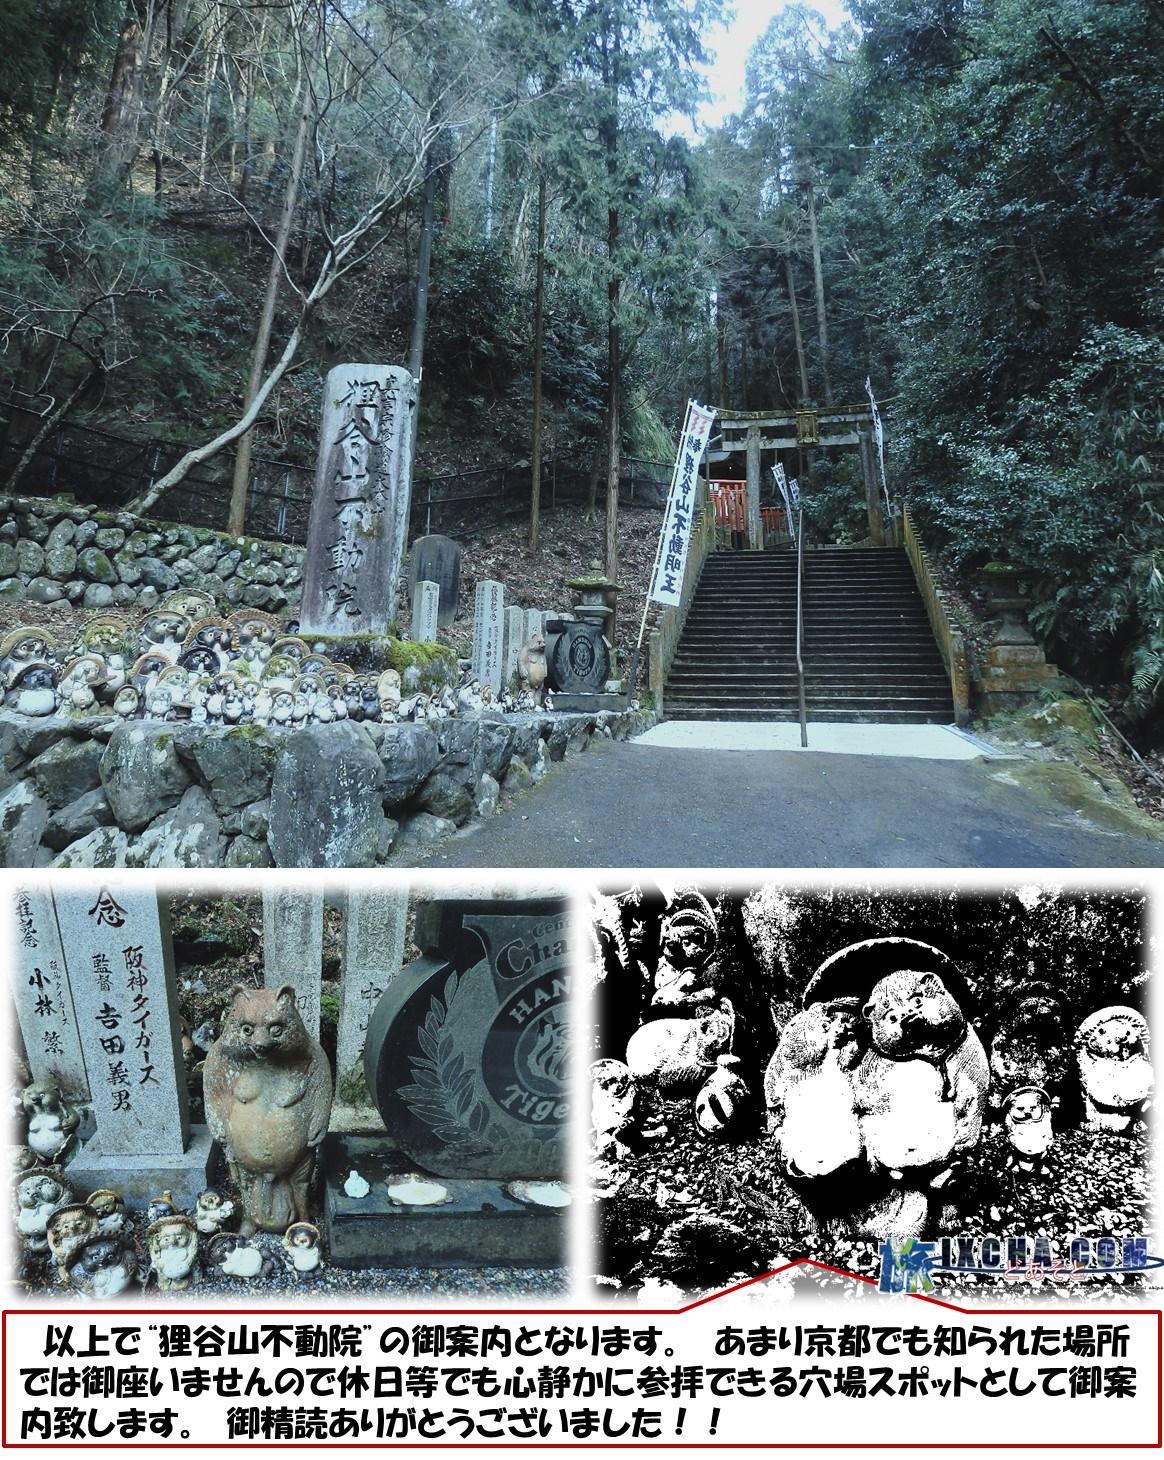 """参拝後、山を下ります。 京都の寺社仏閣の殆どはは4時ごろには閉館しちゃいますので、寺巡りは非常に慌ただしくなります。 境内の山肌には、目を凝らすと大小さまざまな仏像や神様の像がある事が分かります。 悪く言えばごった煮の様な感じですが、八百万の精神を持つ大和の国ならではの光景だと思います。  以上で""""狸谷山不動院""""の御案内となります。 あまり京都でも知られた場所では御座いませんので休日等でも心静かに参拝できる穴場スポットとして御案内致します。 御精読ありがとうございました!!"""